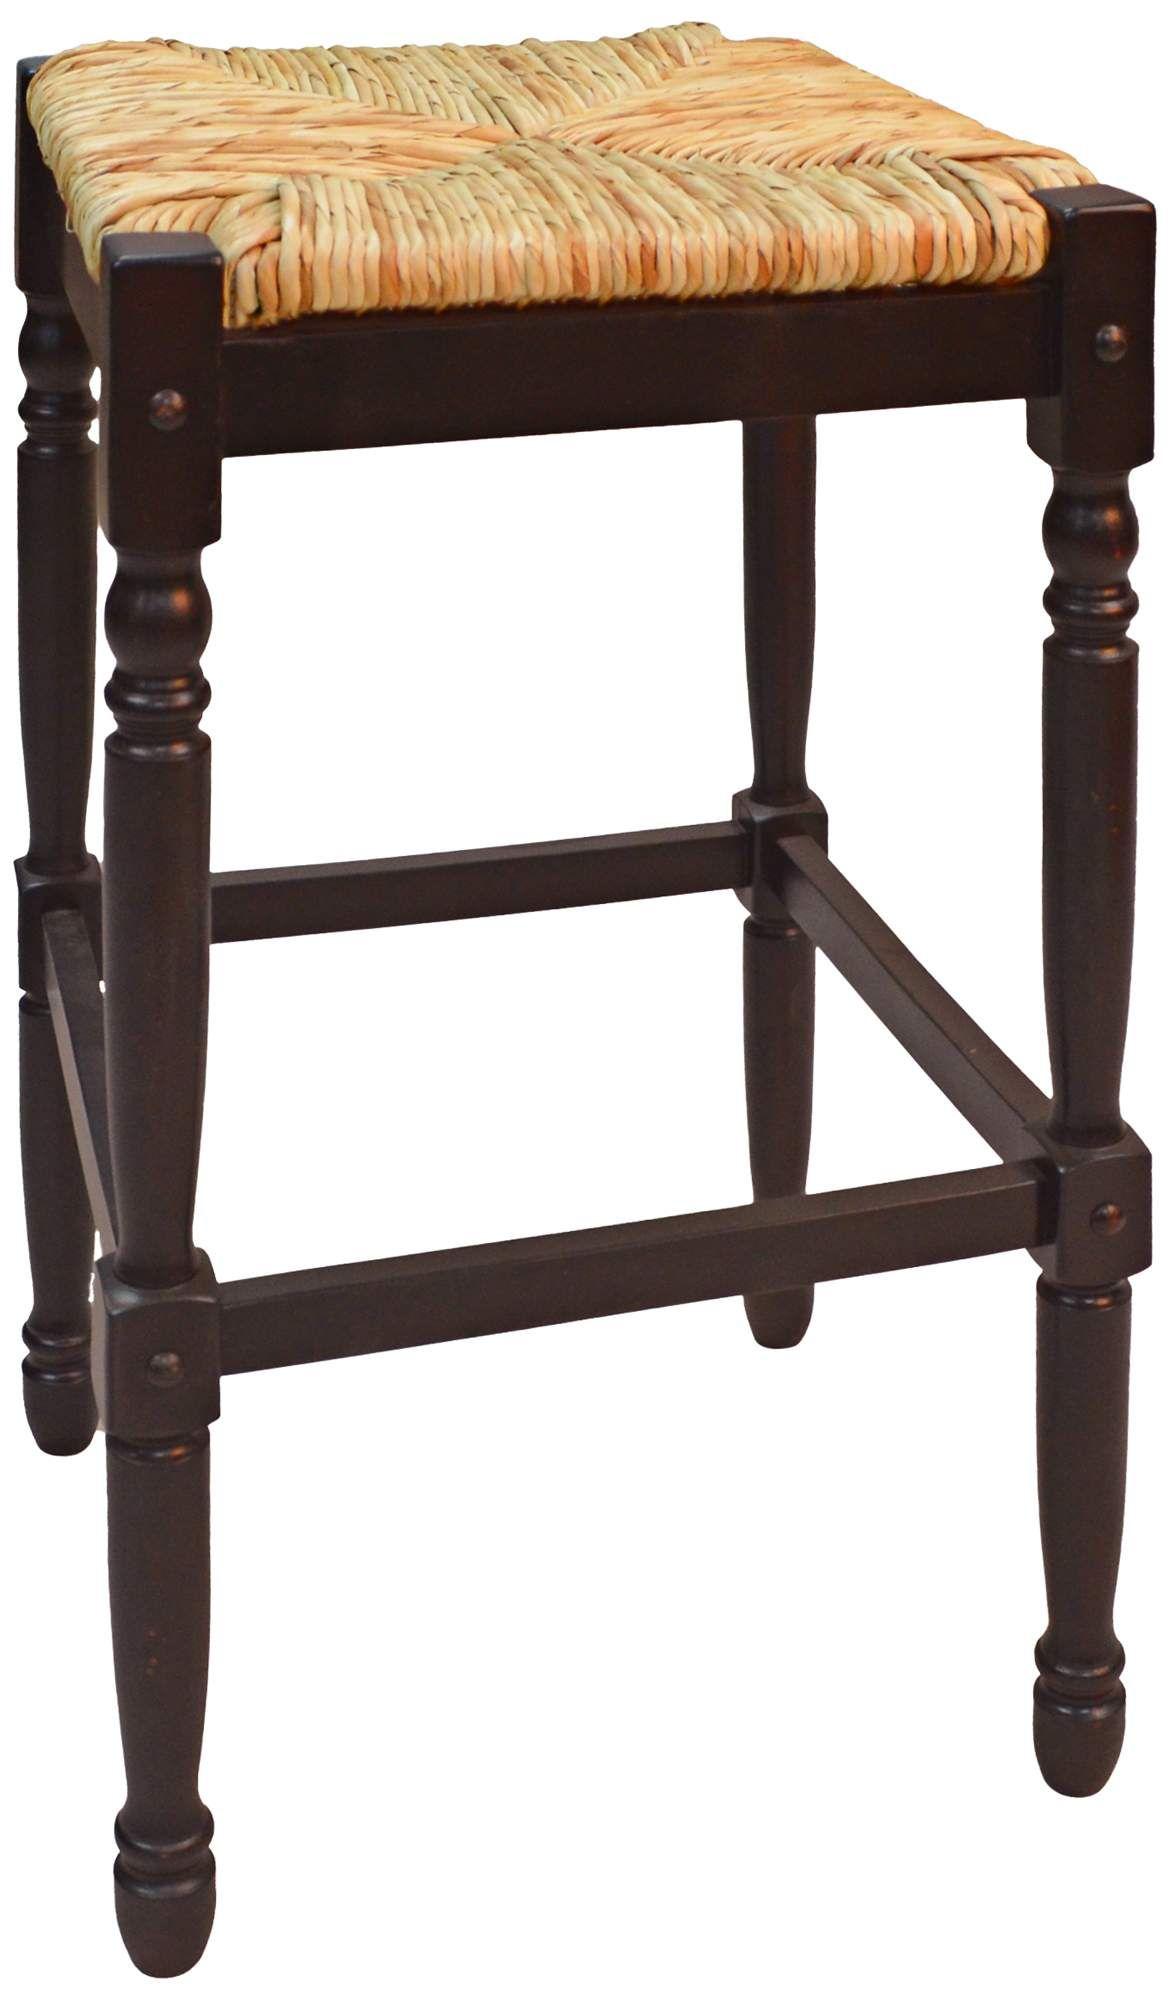 33+ Bar stools walmart wood ideas in 2021